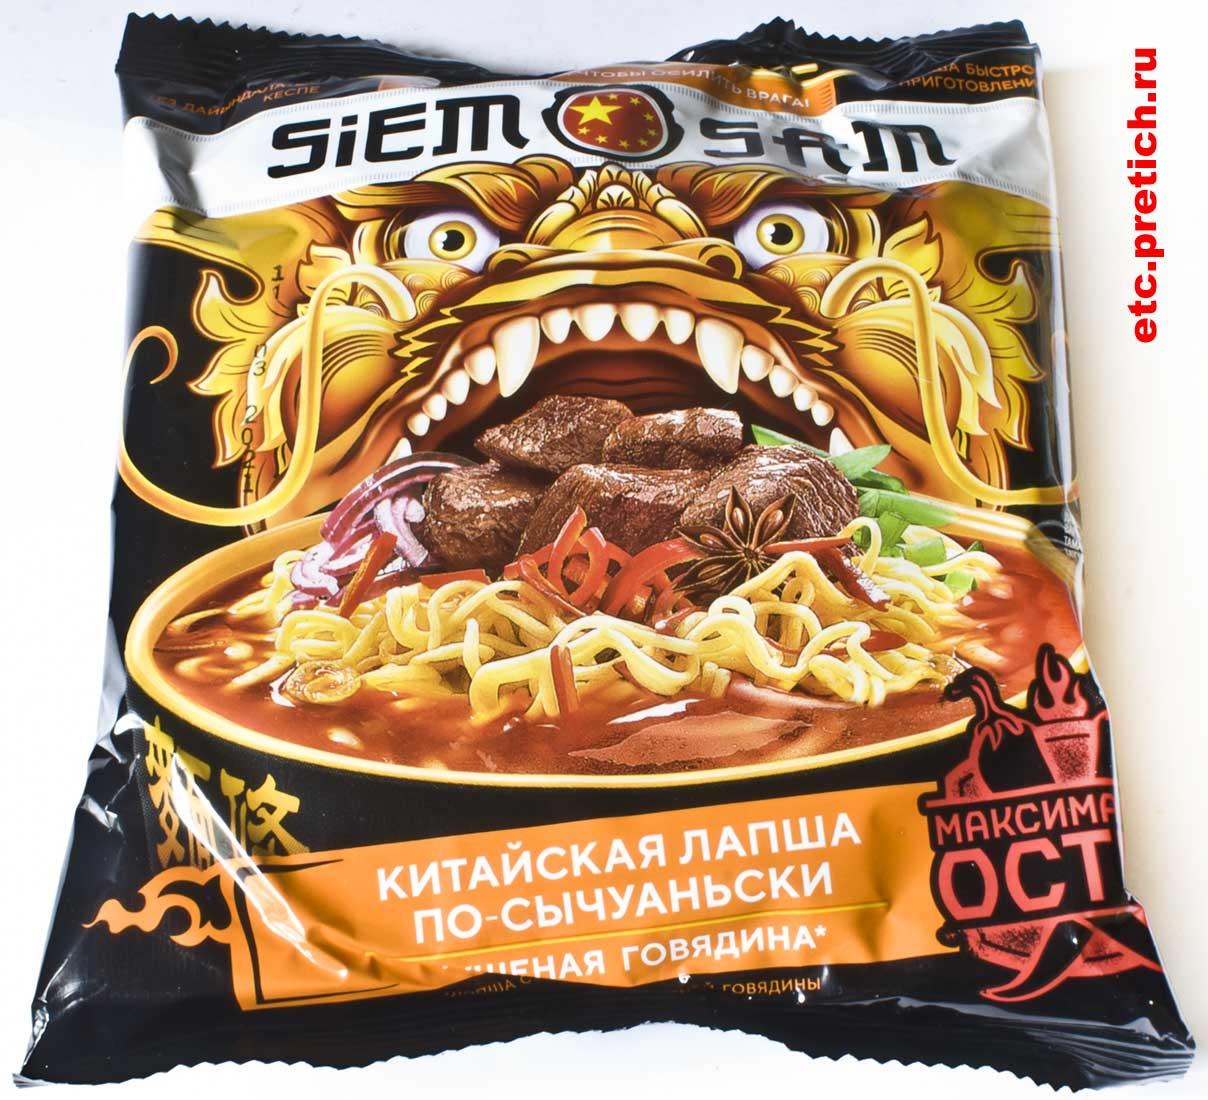 Лапша быстрого приготовления SIEM SAM по-сычуаньски со вкусом говядины